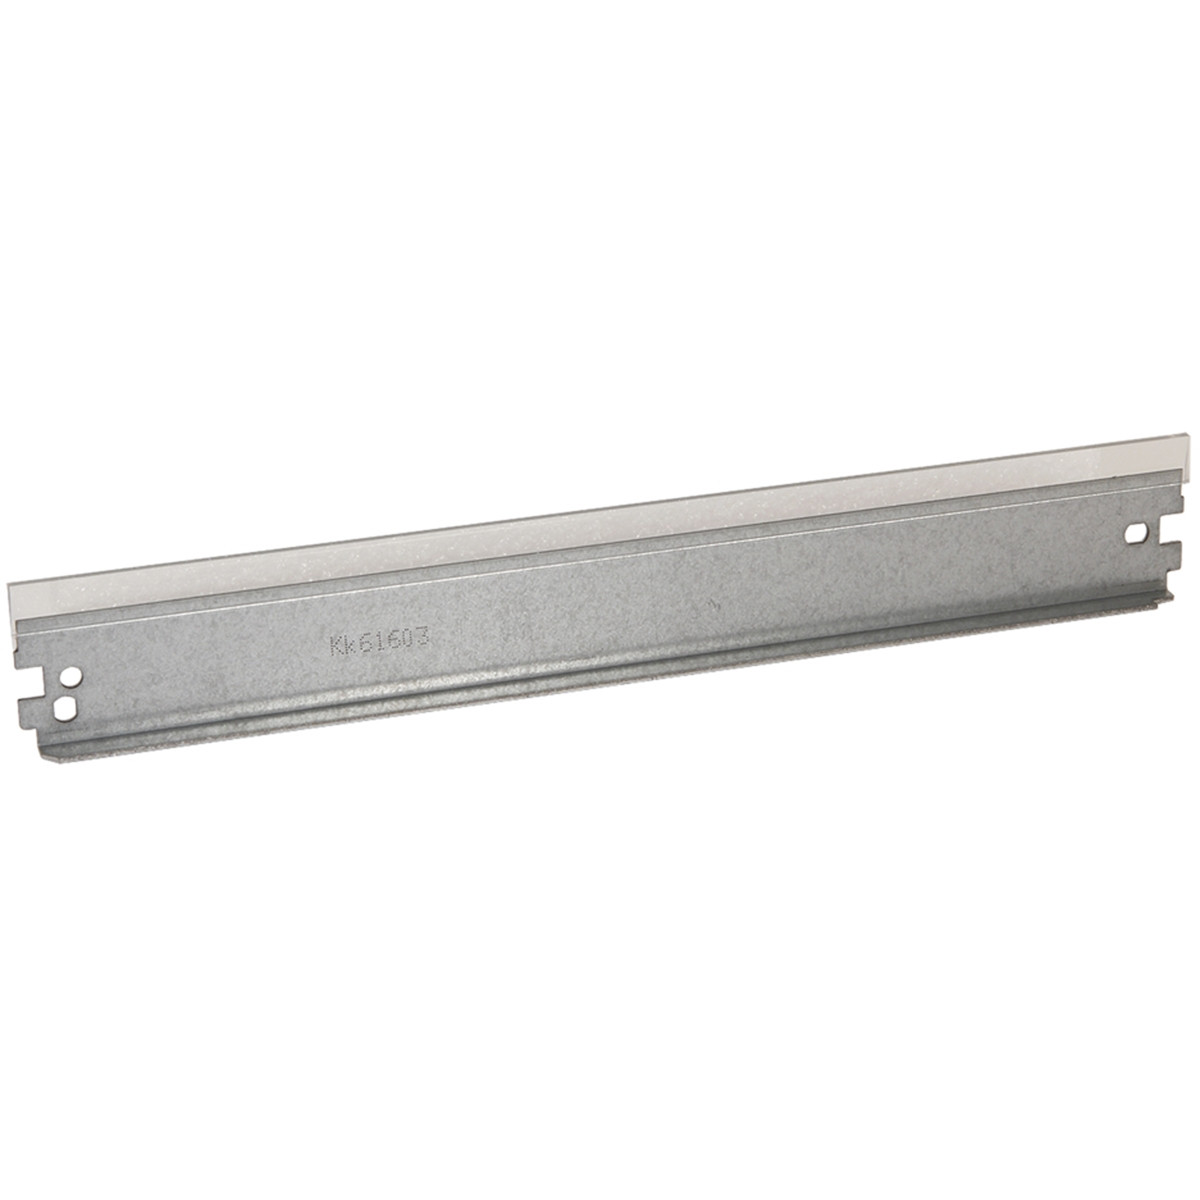 Lâmina de Limpeza ou Wiper Blade HP Q2613A Q2613X | Laserjet 1300 Laserjet 1300N Laserjet 1300XI